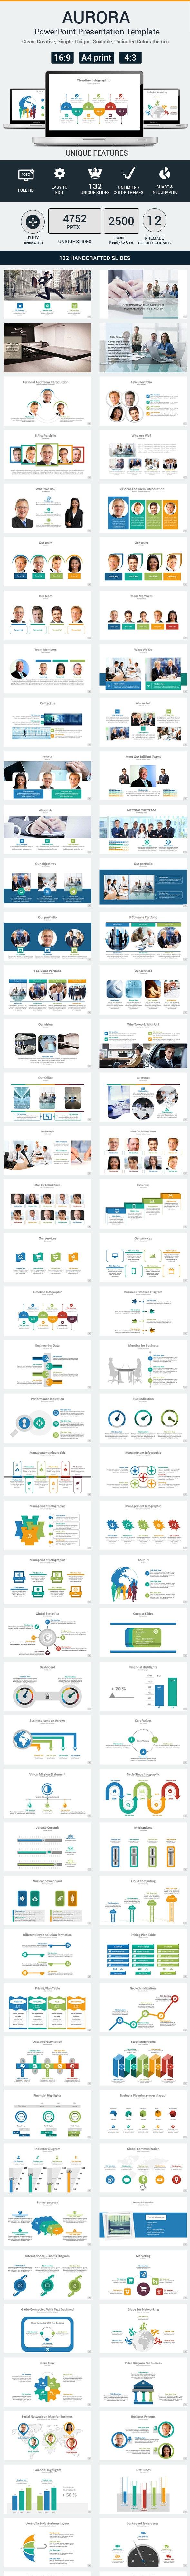 Aurora PowerPoint Presentation Template - PowerPoint Templates Presentation Templates